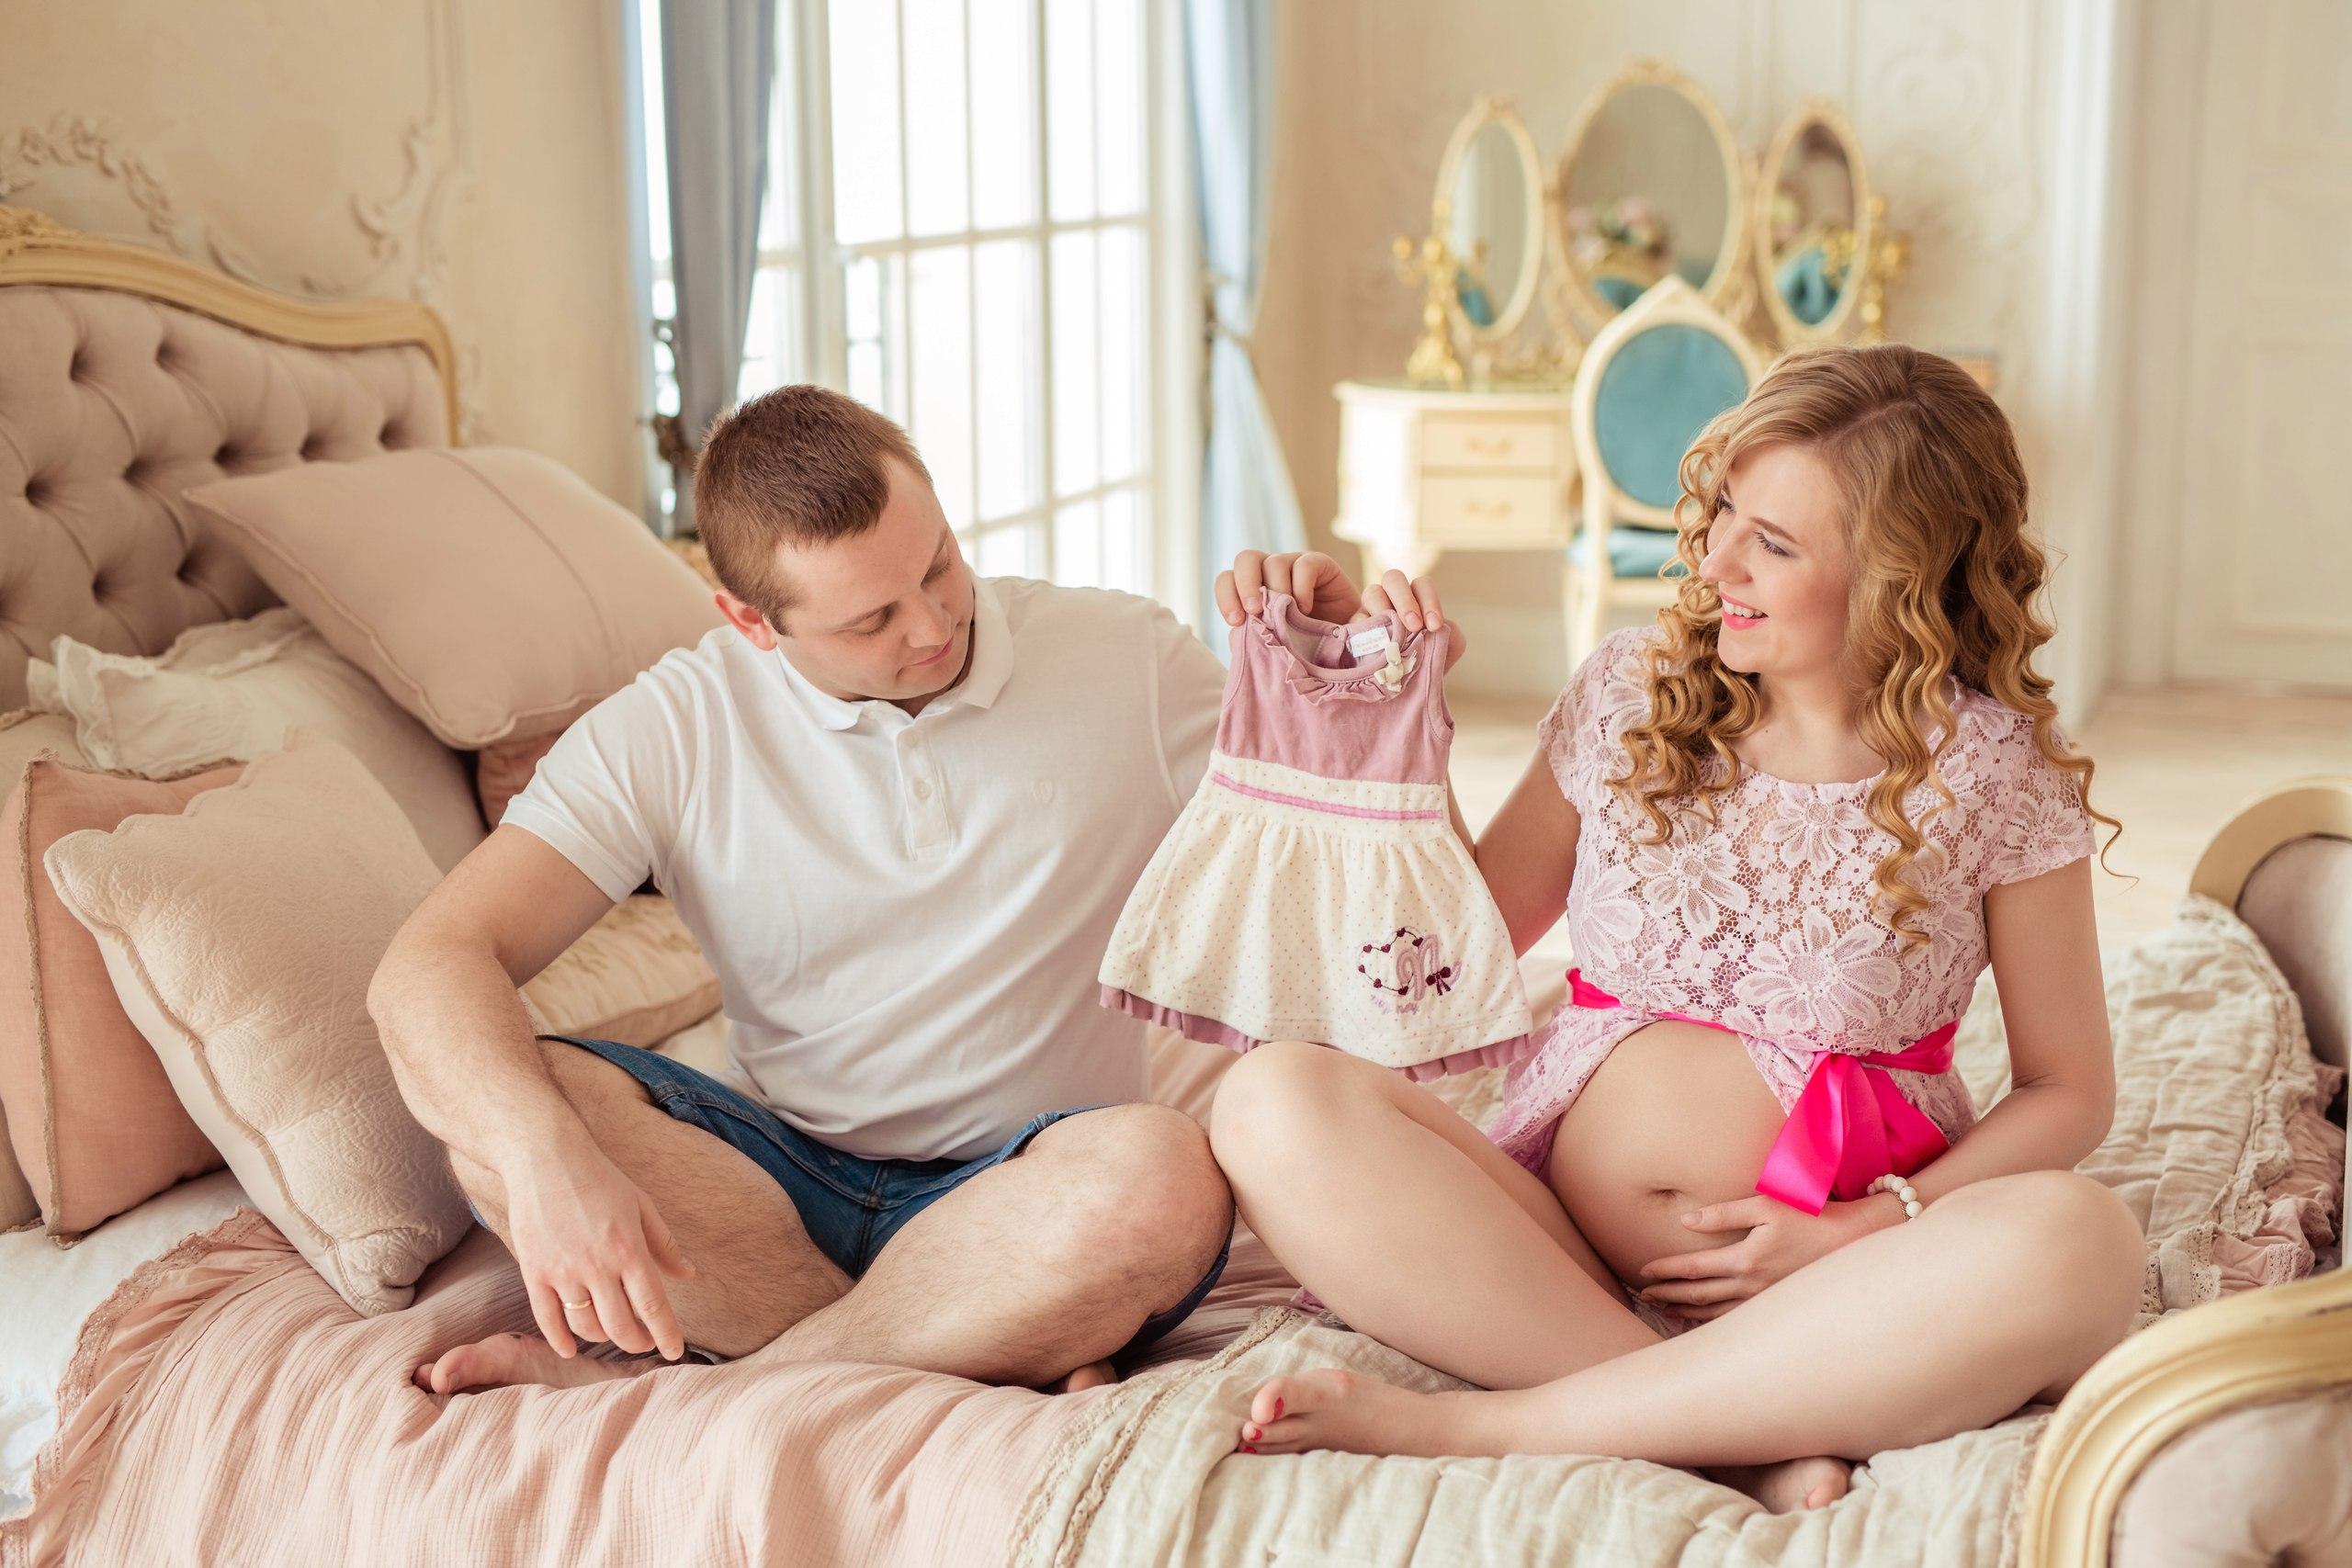 Макияж для беременной фотосессии